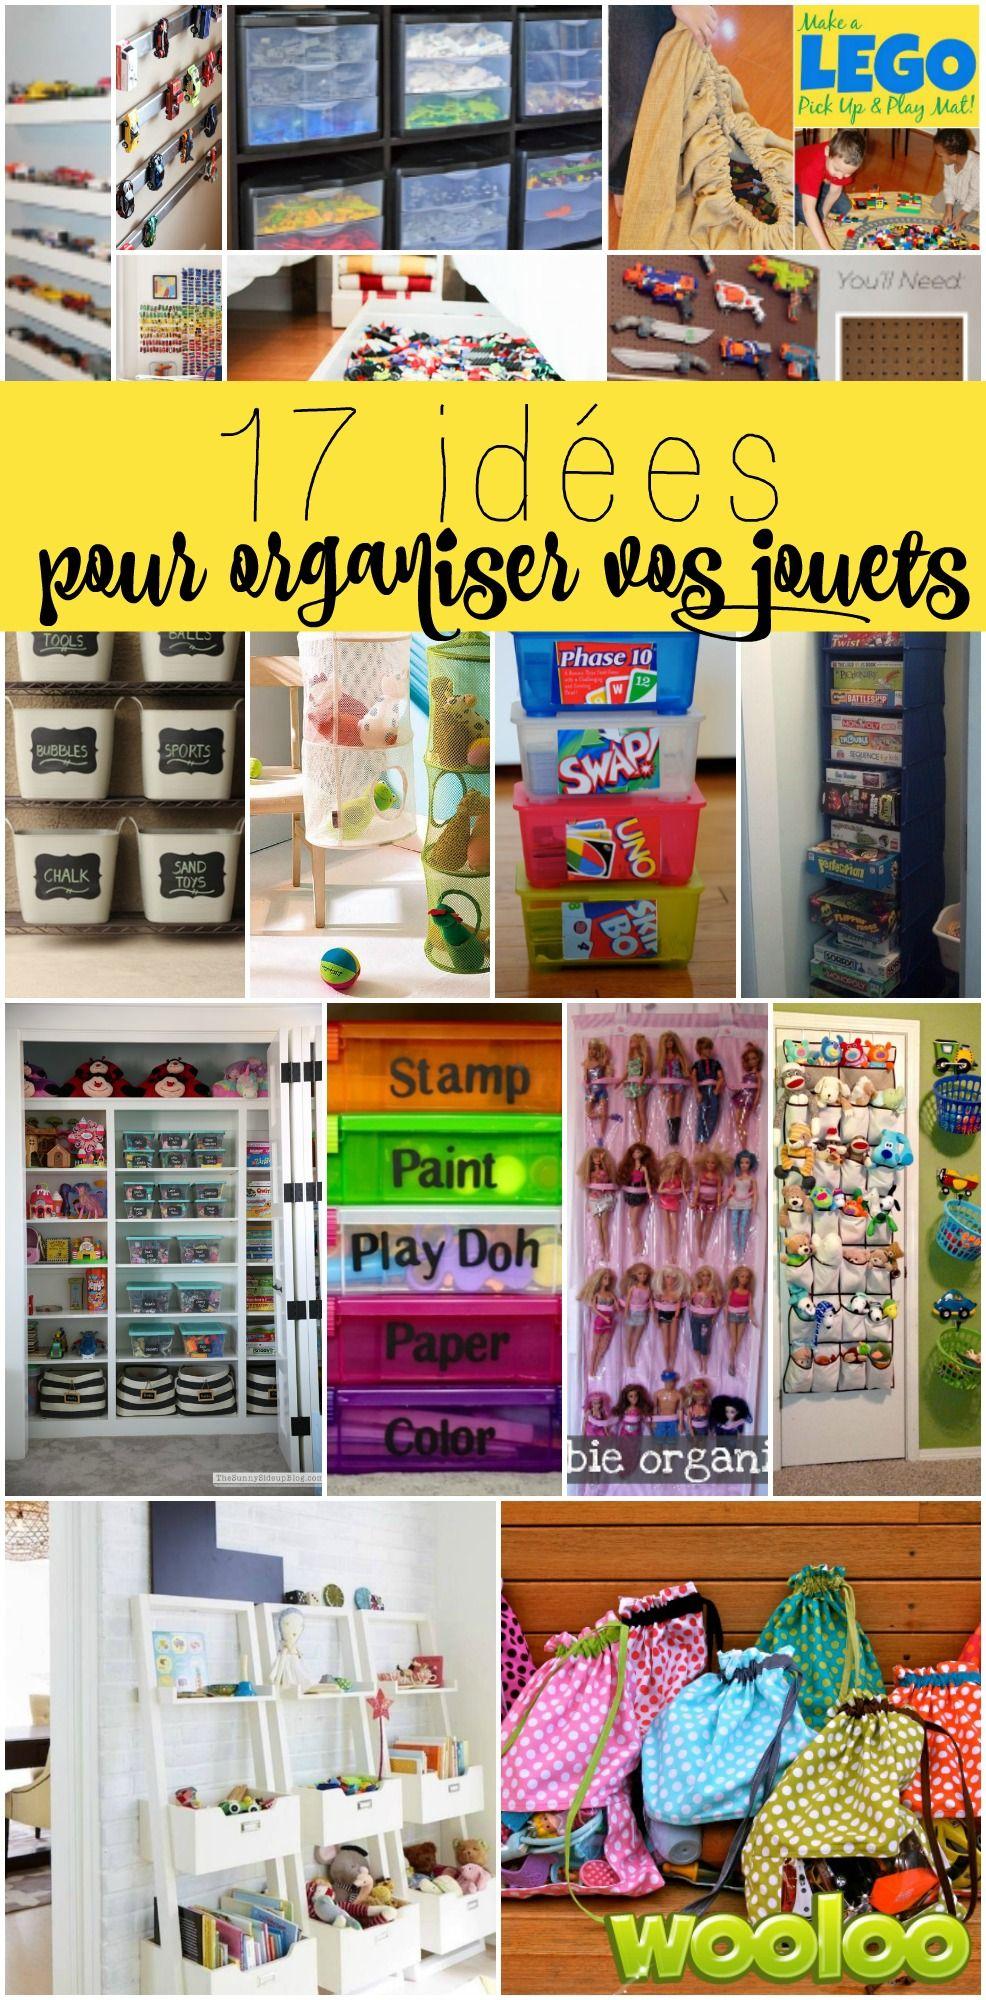 Je suis tellement à boutte de ramasser derrière les enfants! Sérieux... J'ai donc décidé de leur créer de beaux endroits dédiés pour ranger efficacement leurs jouets. Voici quelques idées pour vous inspirer vous aussi!